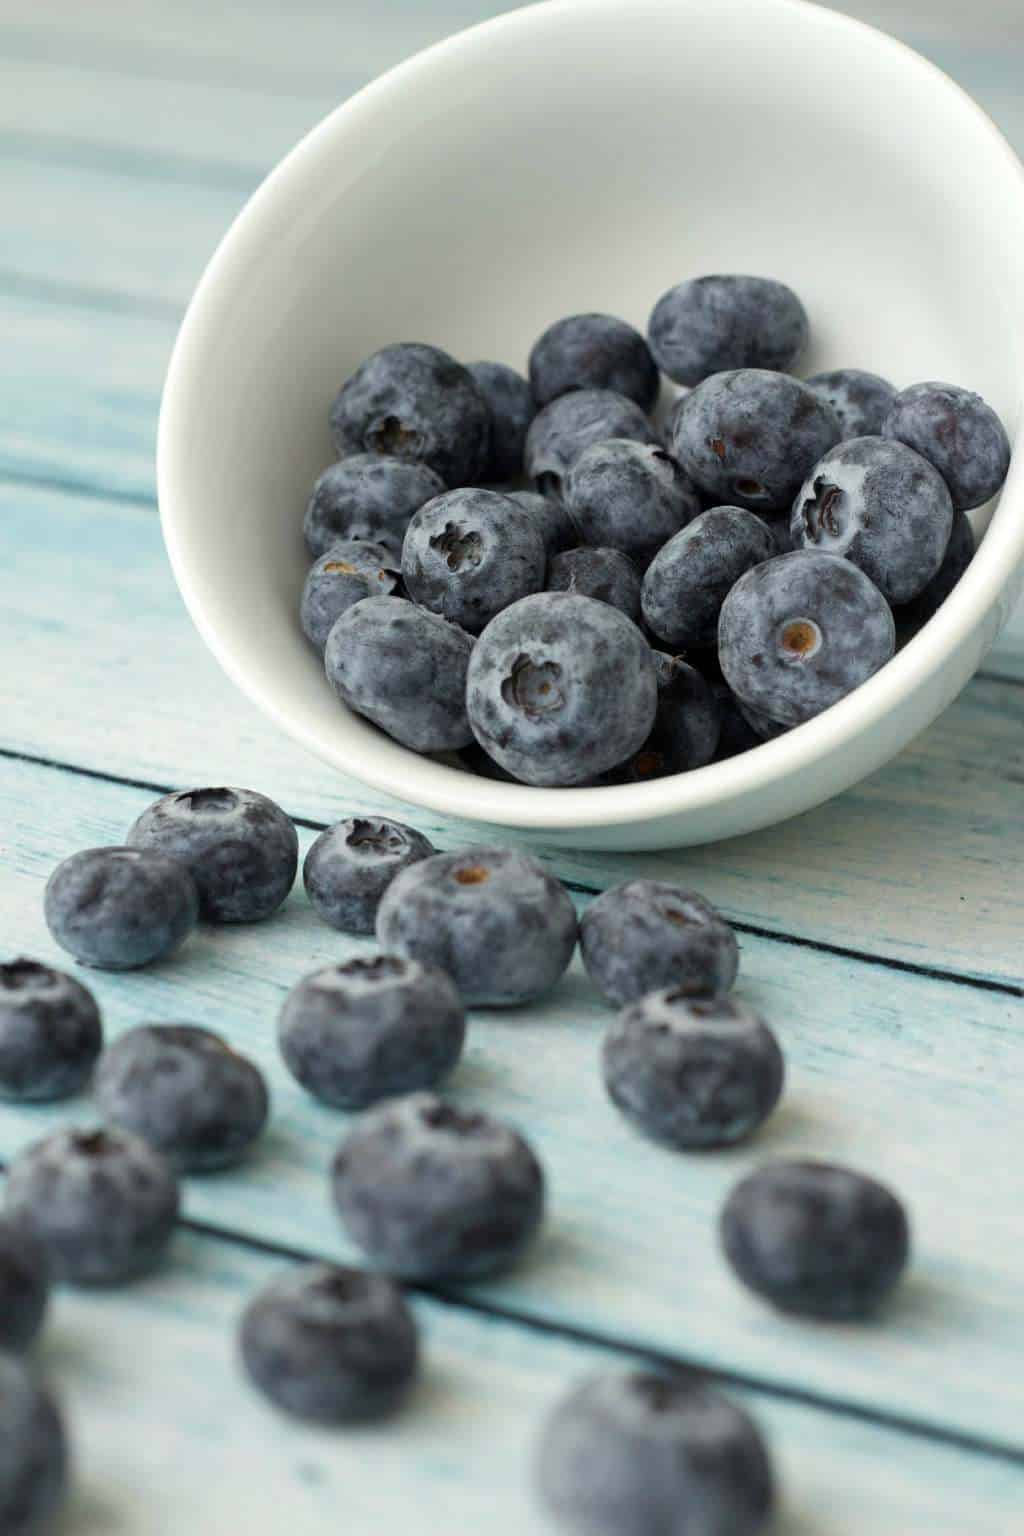 Fresh Blueberries